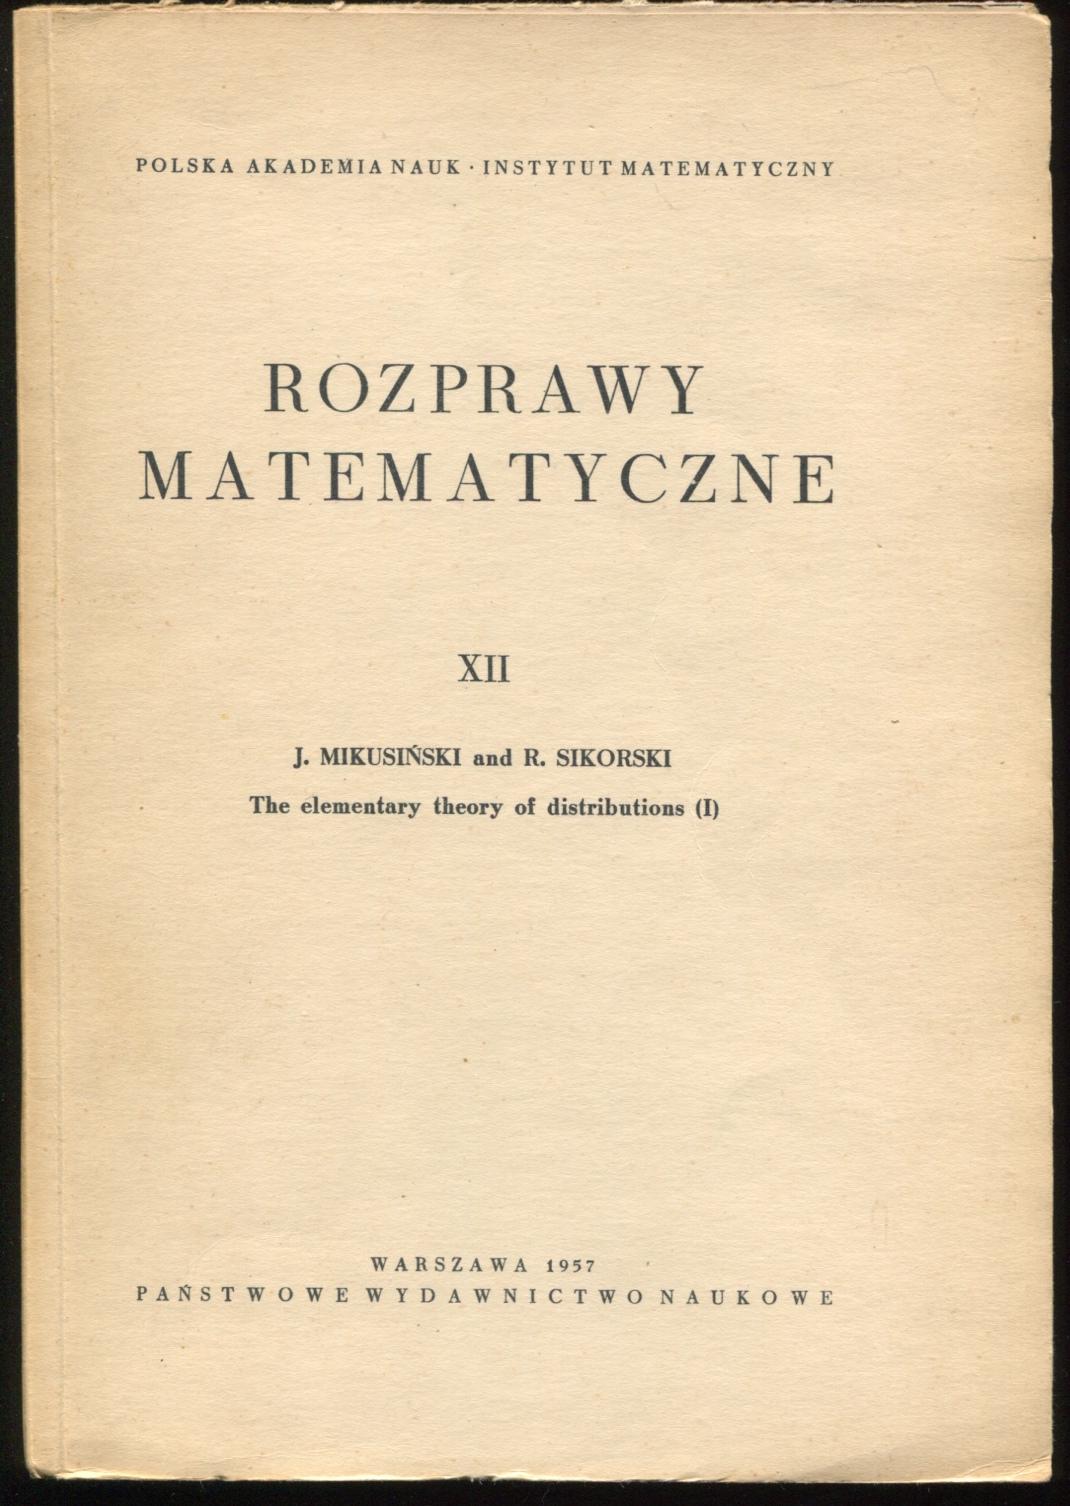 Rozprawy Matematyczne XII.The Elementary Theory of Distributions.